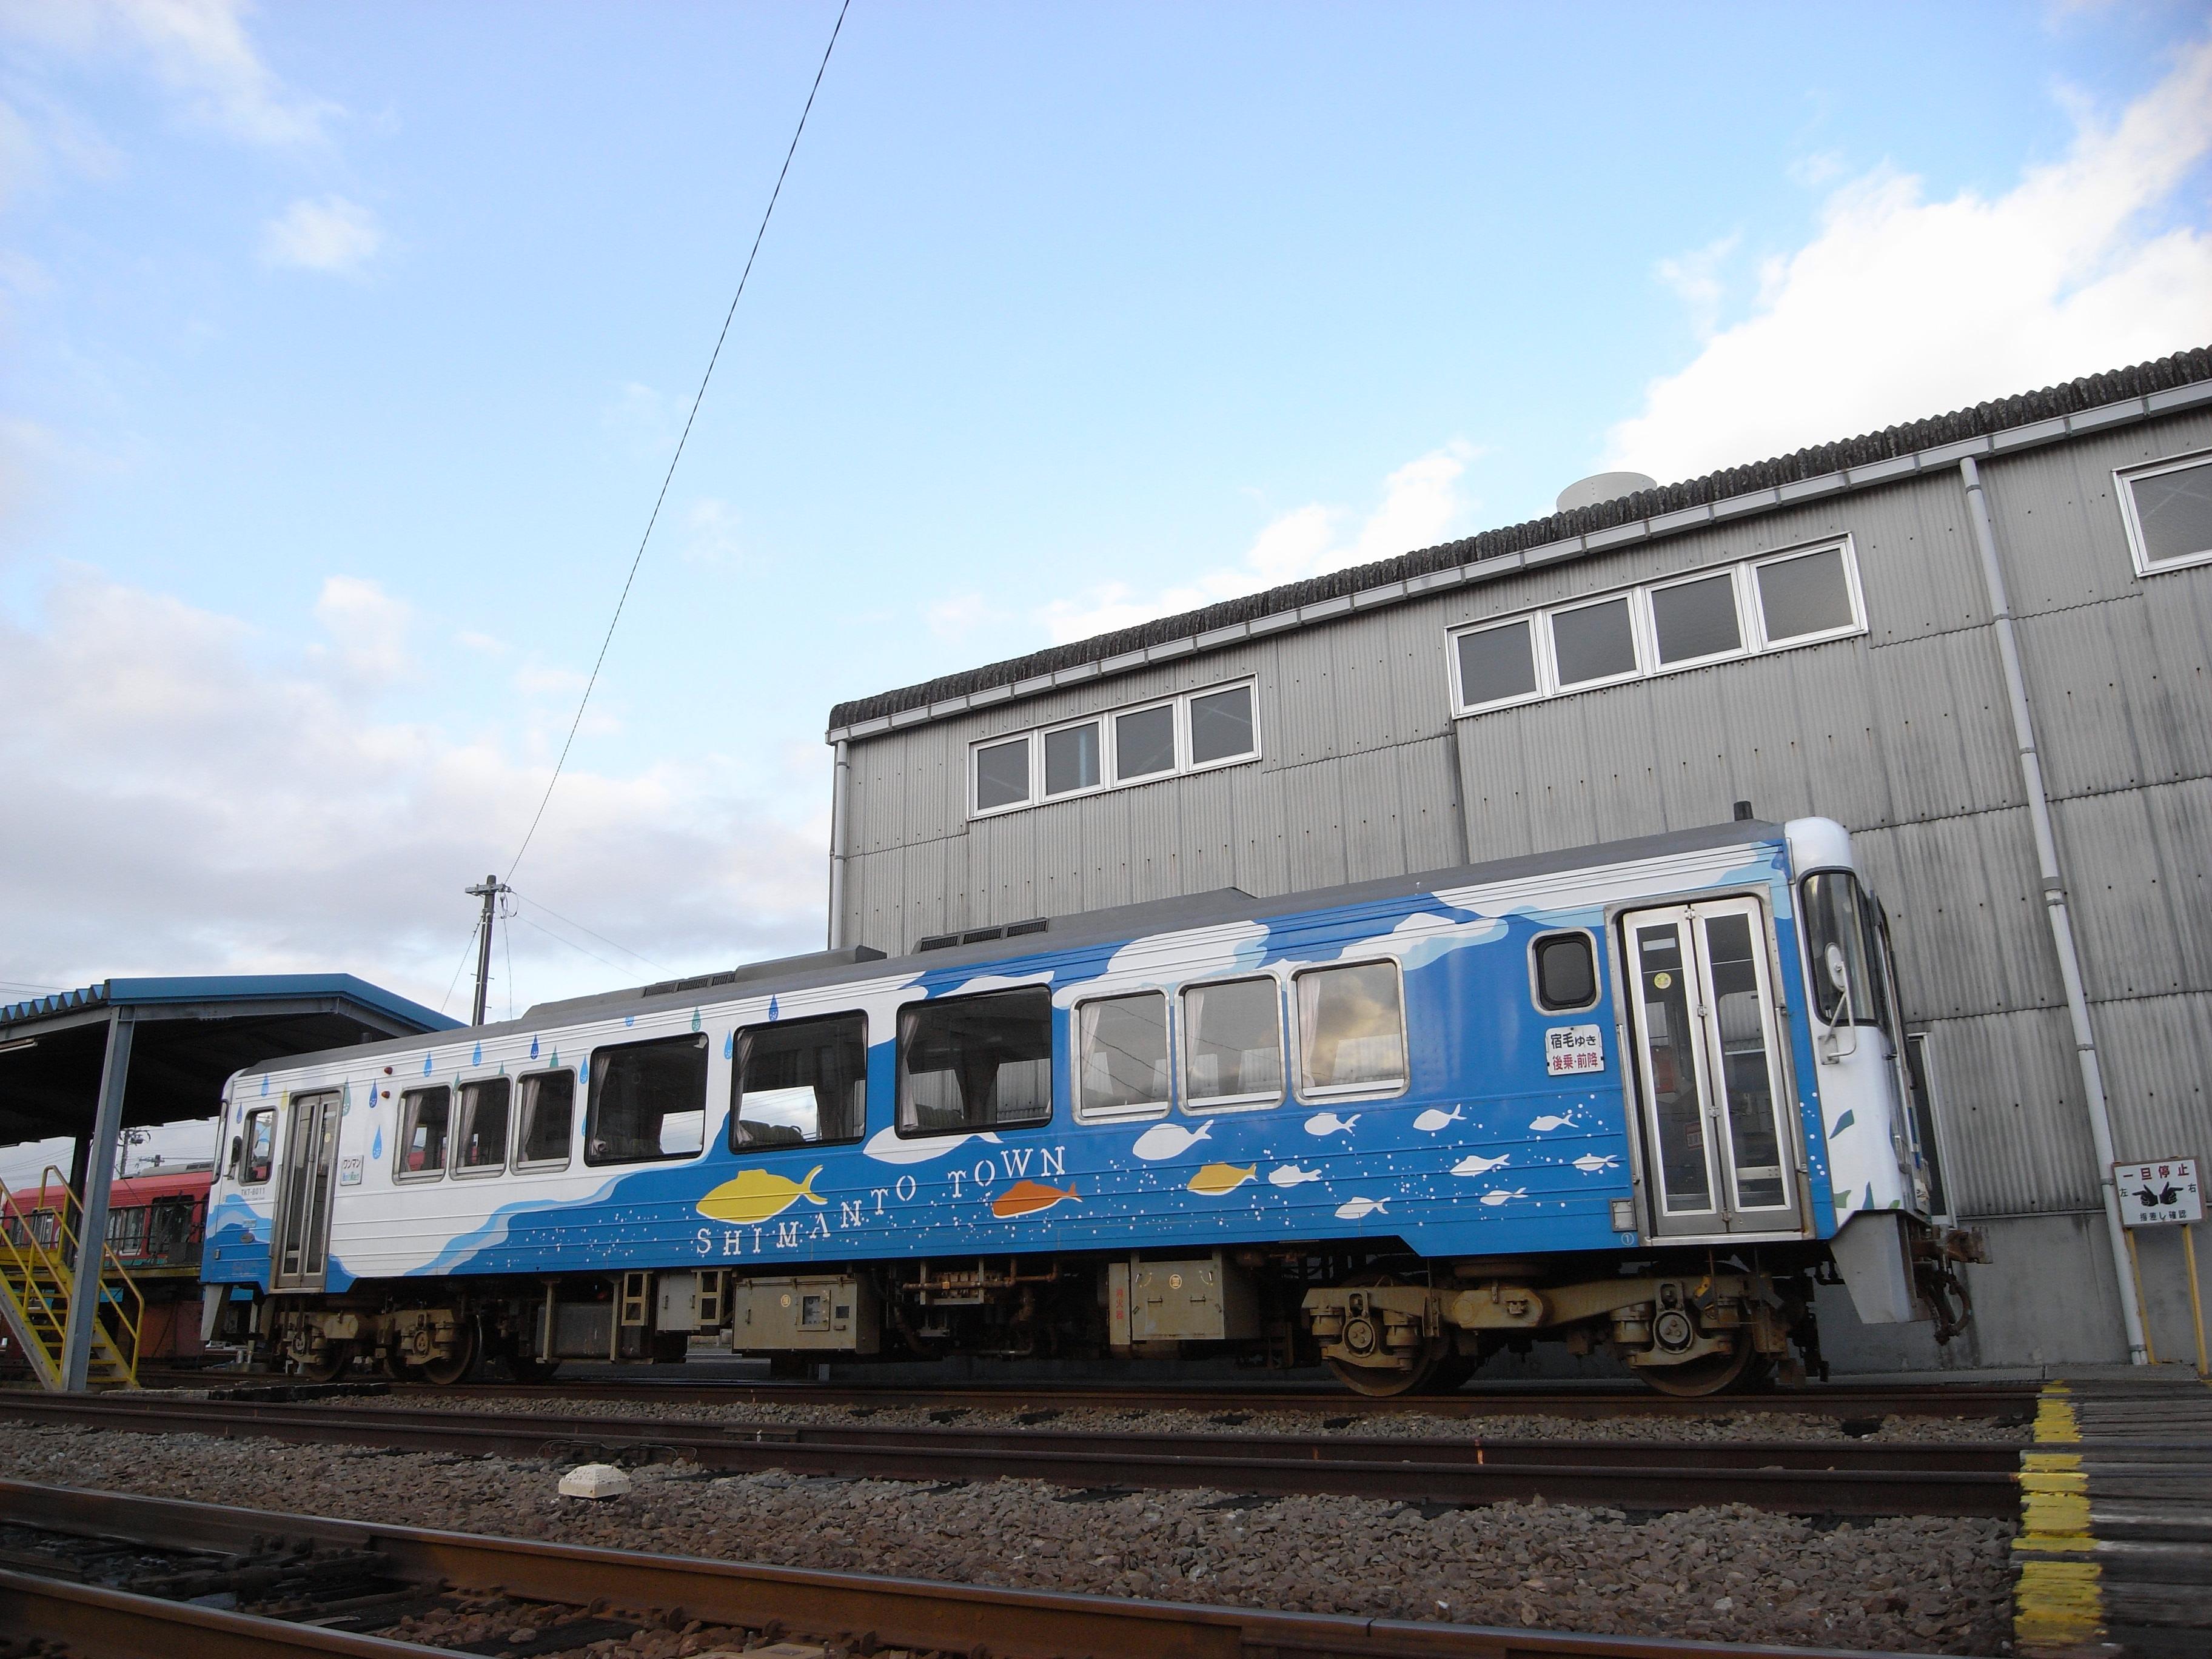 Shimanto town train